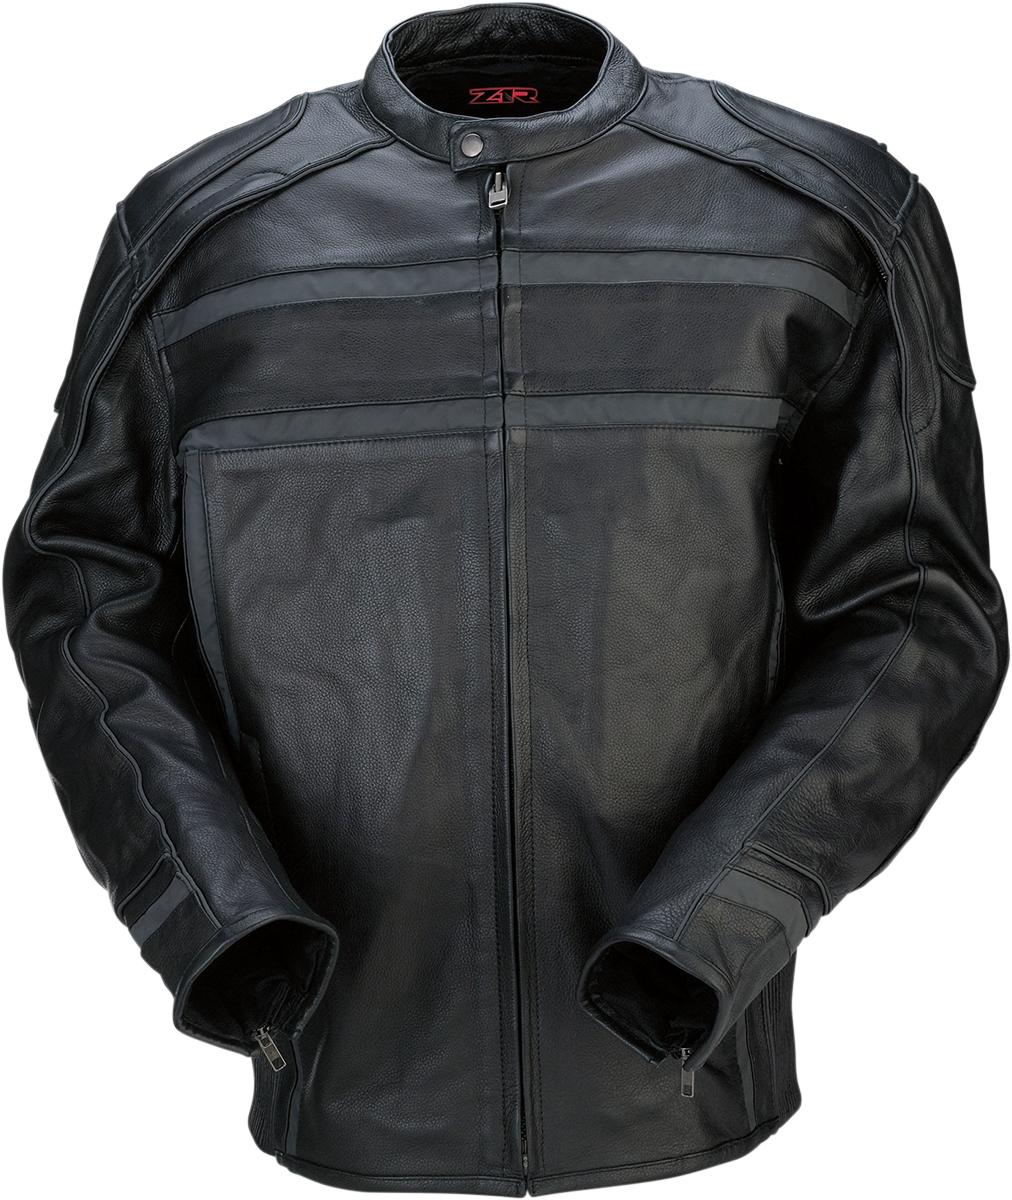 444 Leather Jacket